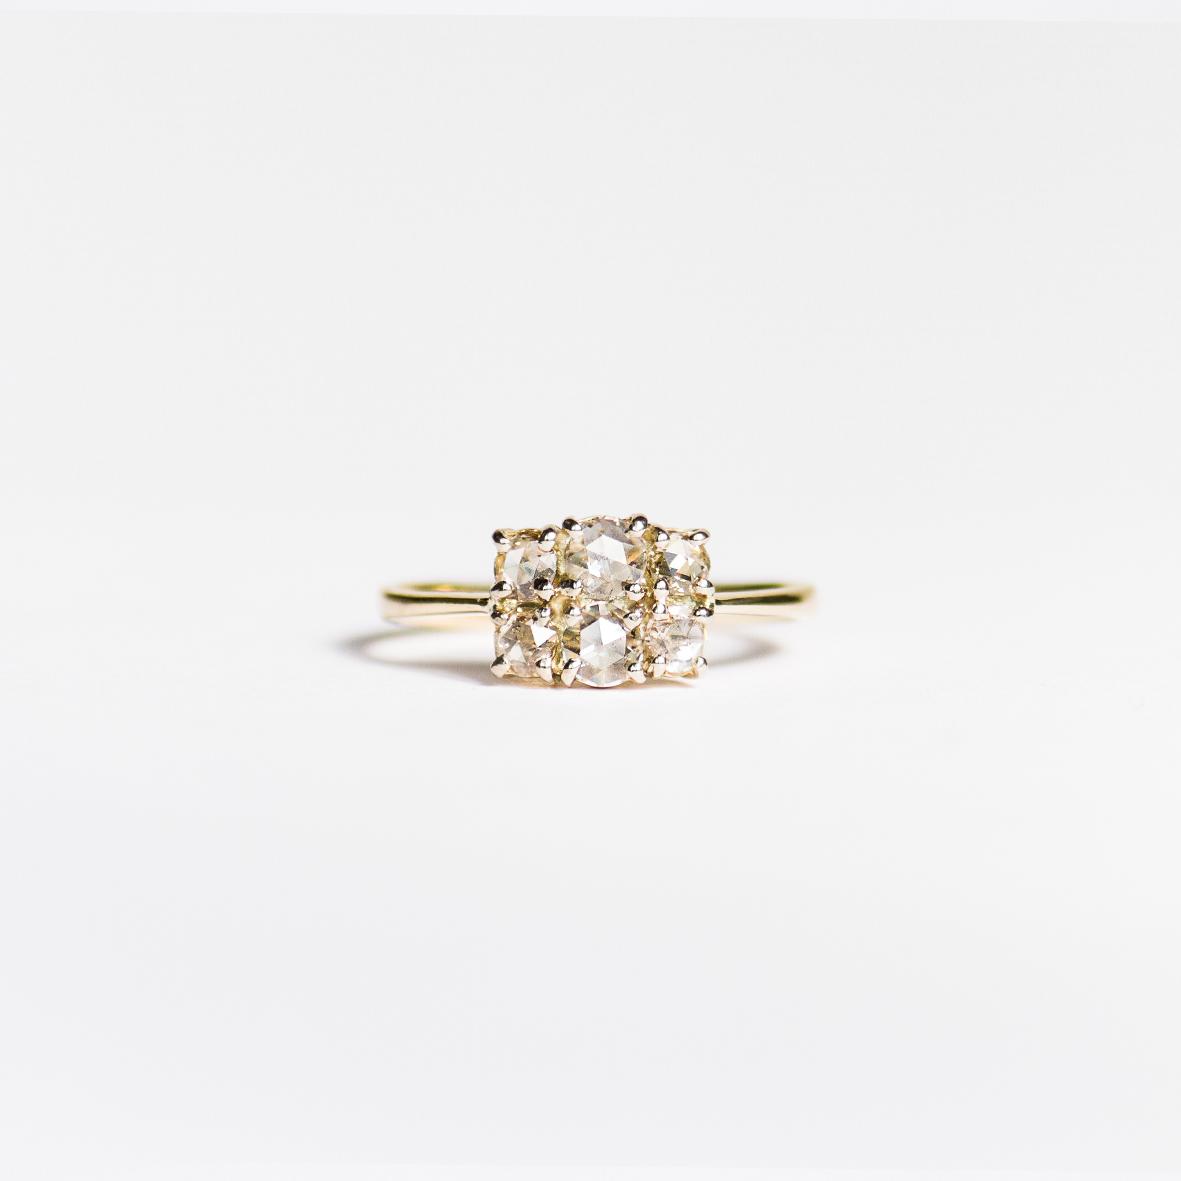 3. OONA_engagement_ficha1_six rose cut diamond ring